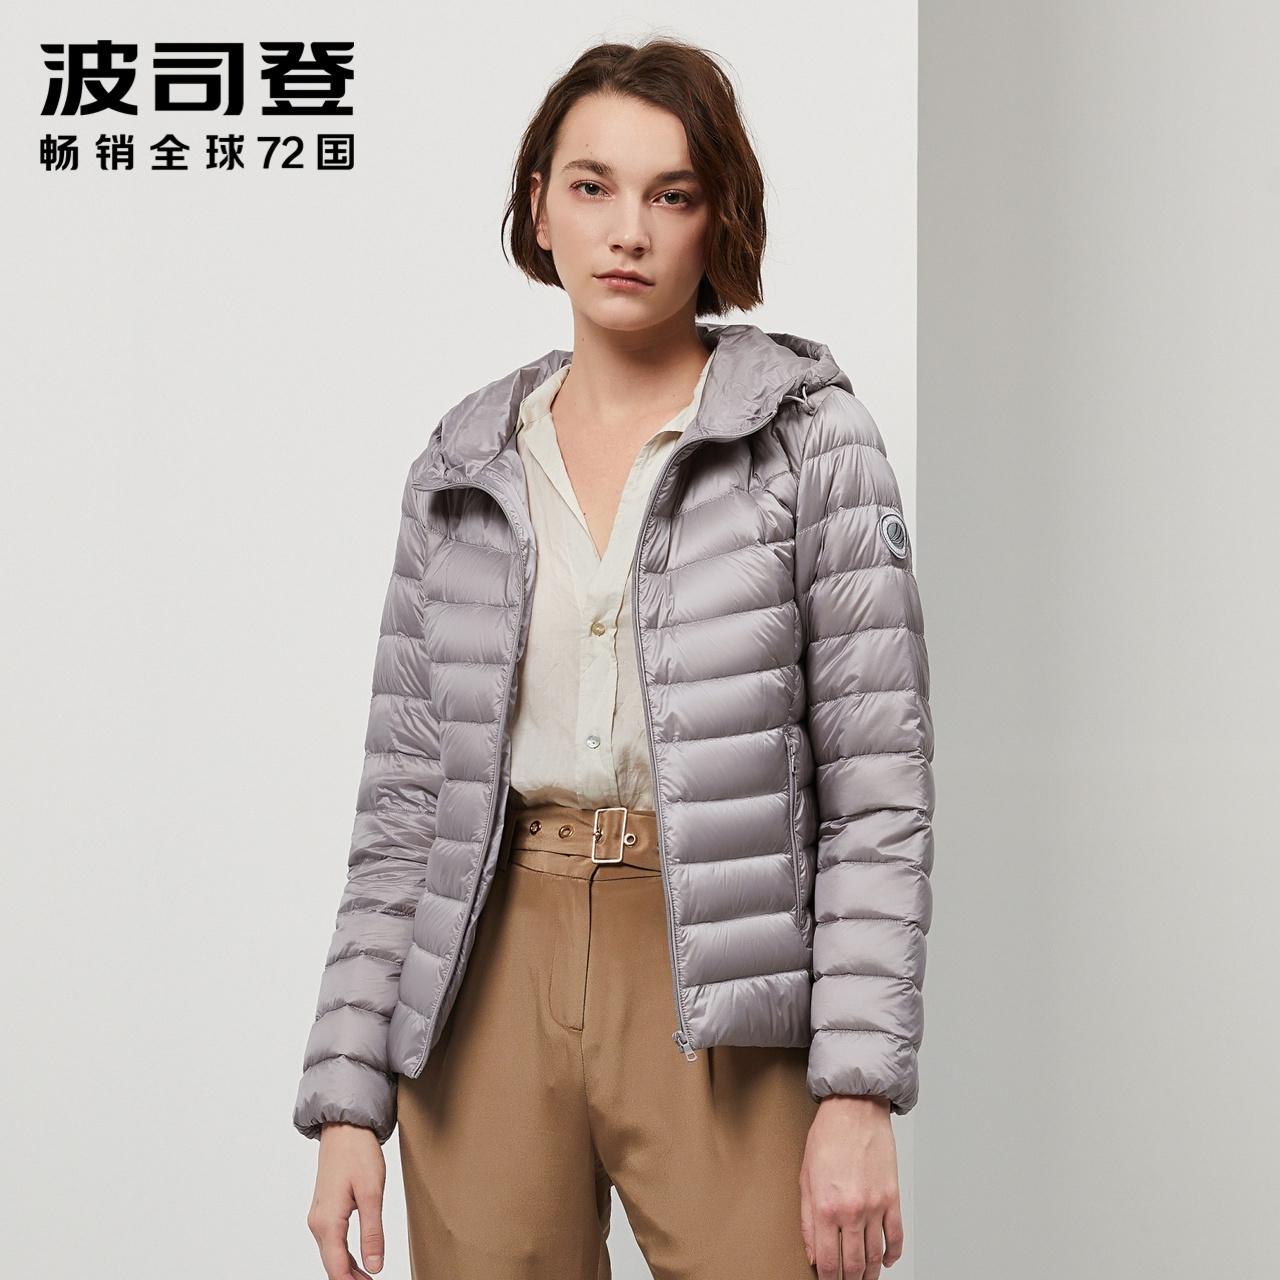 波司登新款短款羽绒服女轻薄连帽轻冬中老年妈妈装B90131014B图片